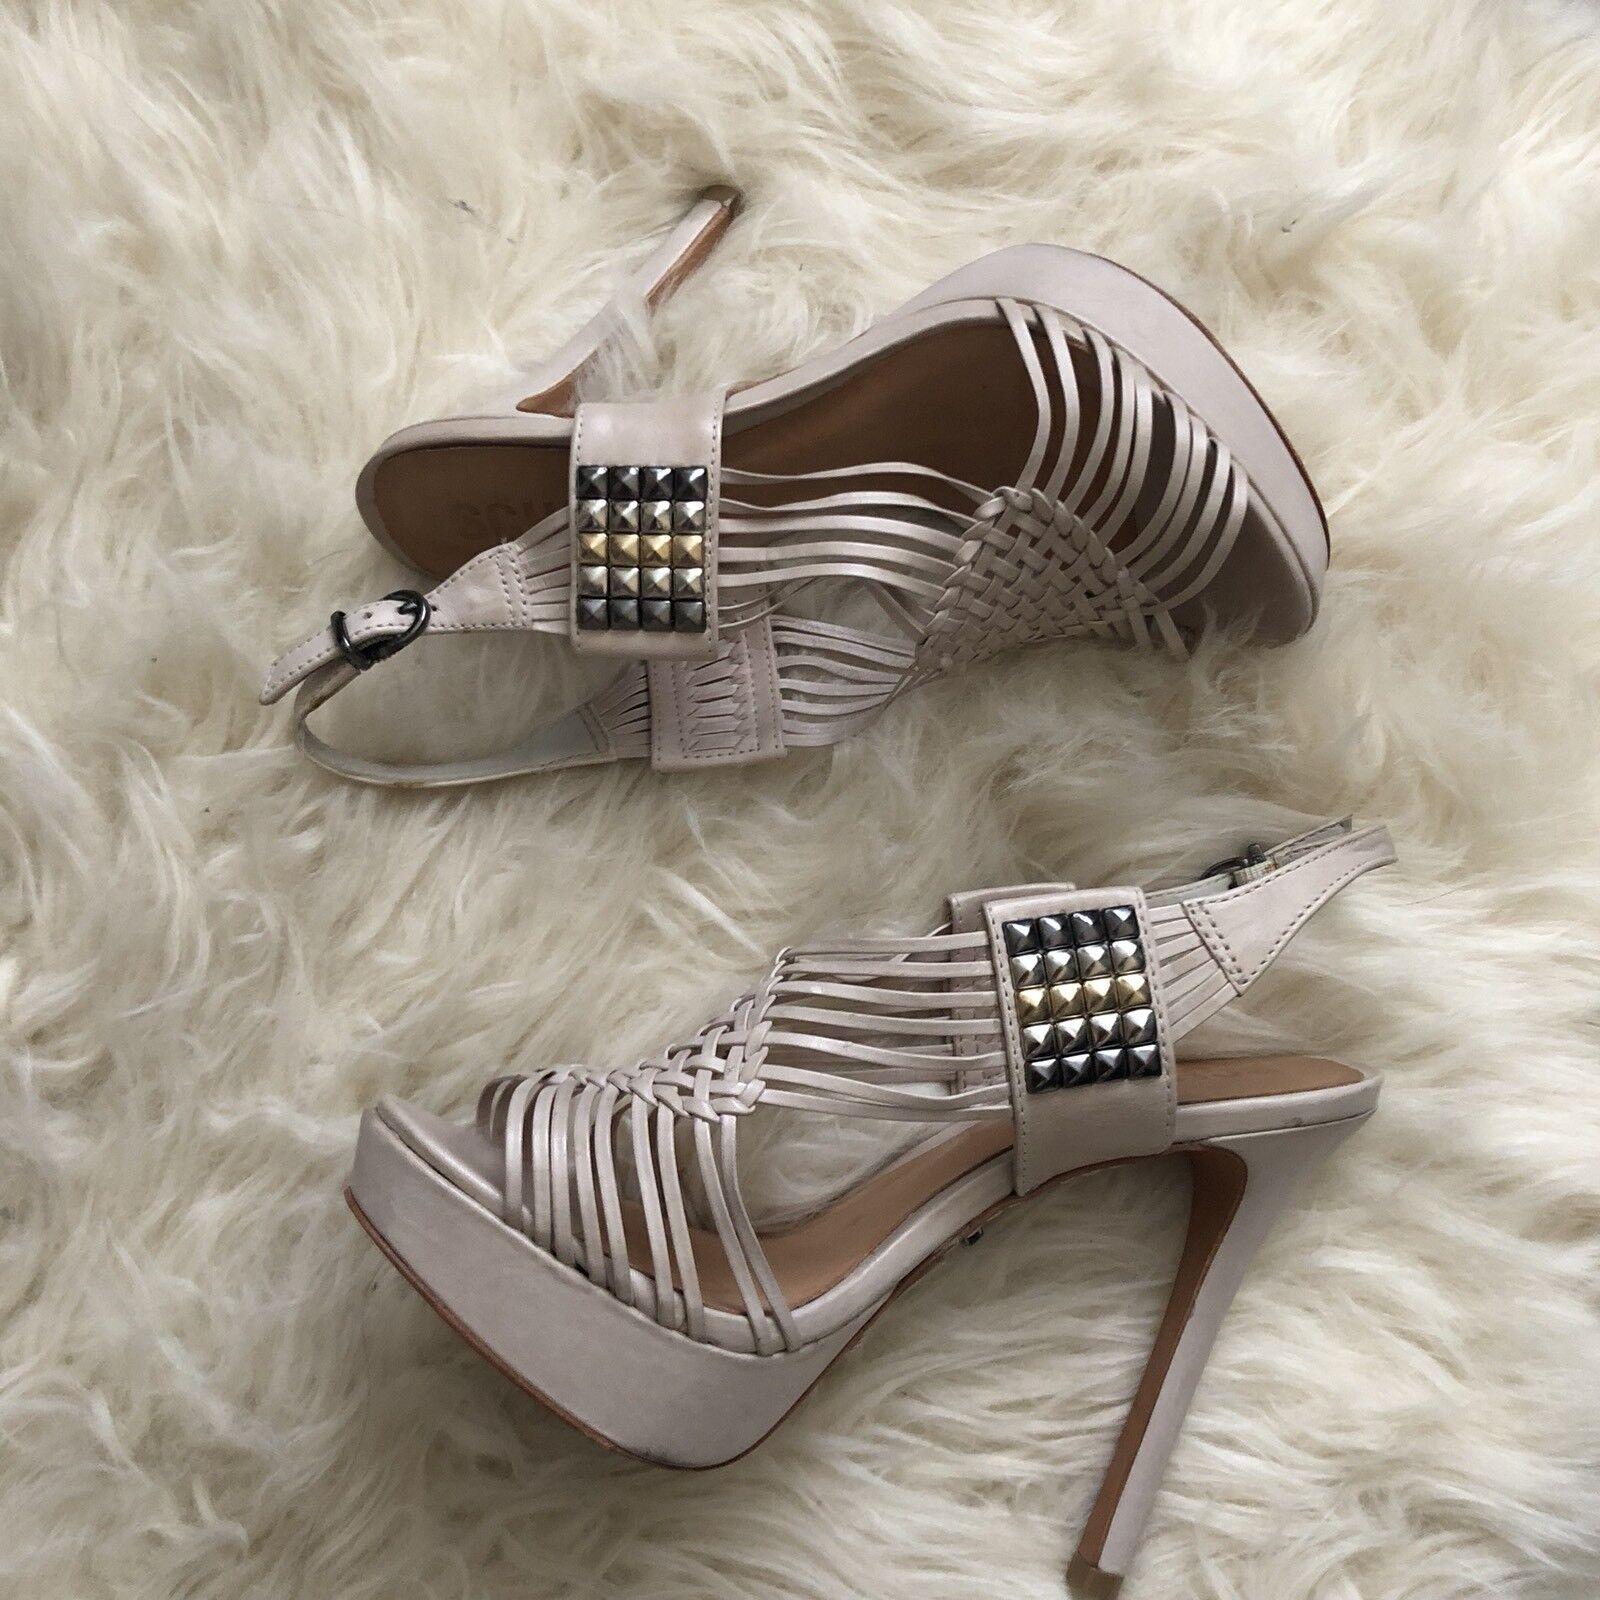 Schutz chaussures Studded Heels Stilettos Sandals Platforms Taille 6